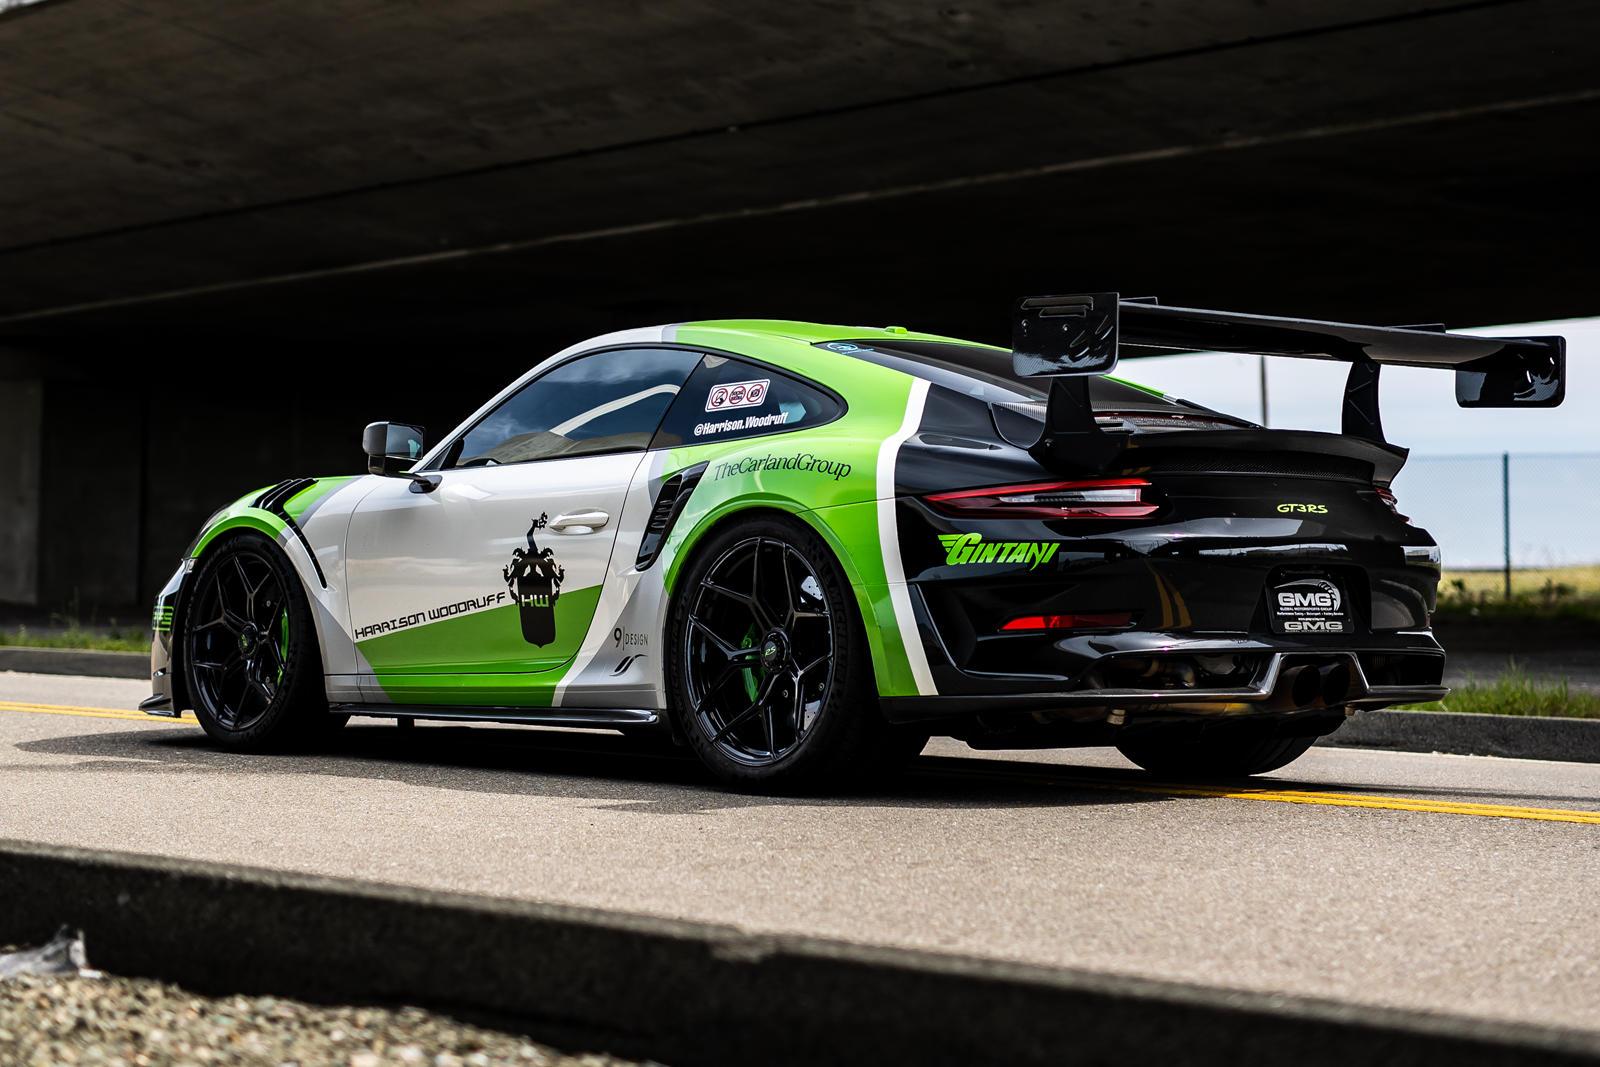 Тюнинг двигателя Gintani увеличил мощность автомобиля до «более 580 лошадиных сил», в то время как прямые коллекторы, заднее крыло и передний сплиттер от Dundon Motorsports, а также специально разработанная мид-труба - все это способствует впечатляющ